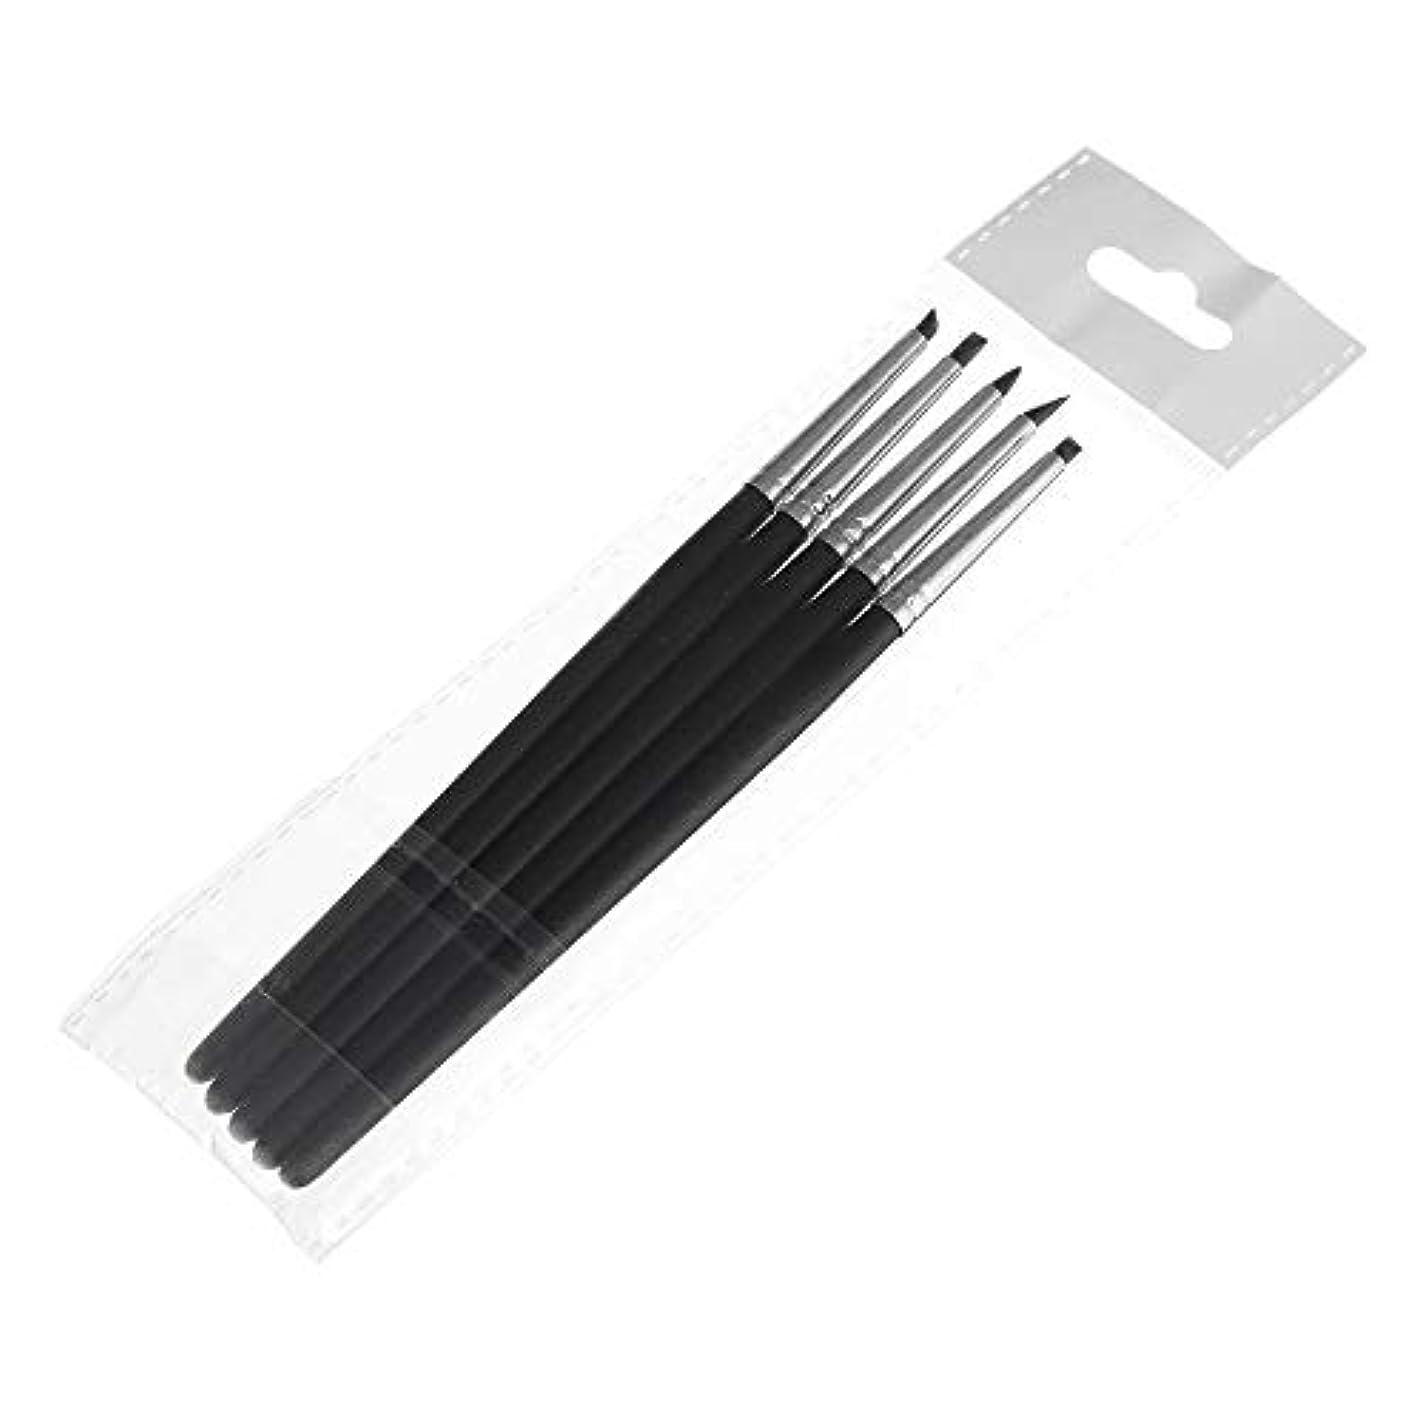 ネックレットサラダバッグ歯科用 接着剤 コンポジット レジンセメント 磁器歯 シリコーン ブラシ ペン 5Pcs ブラック